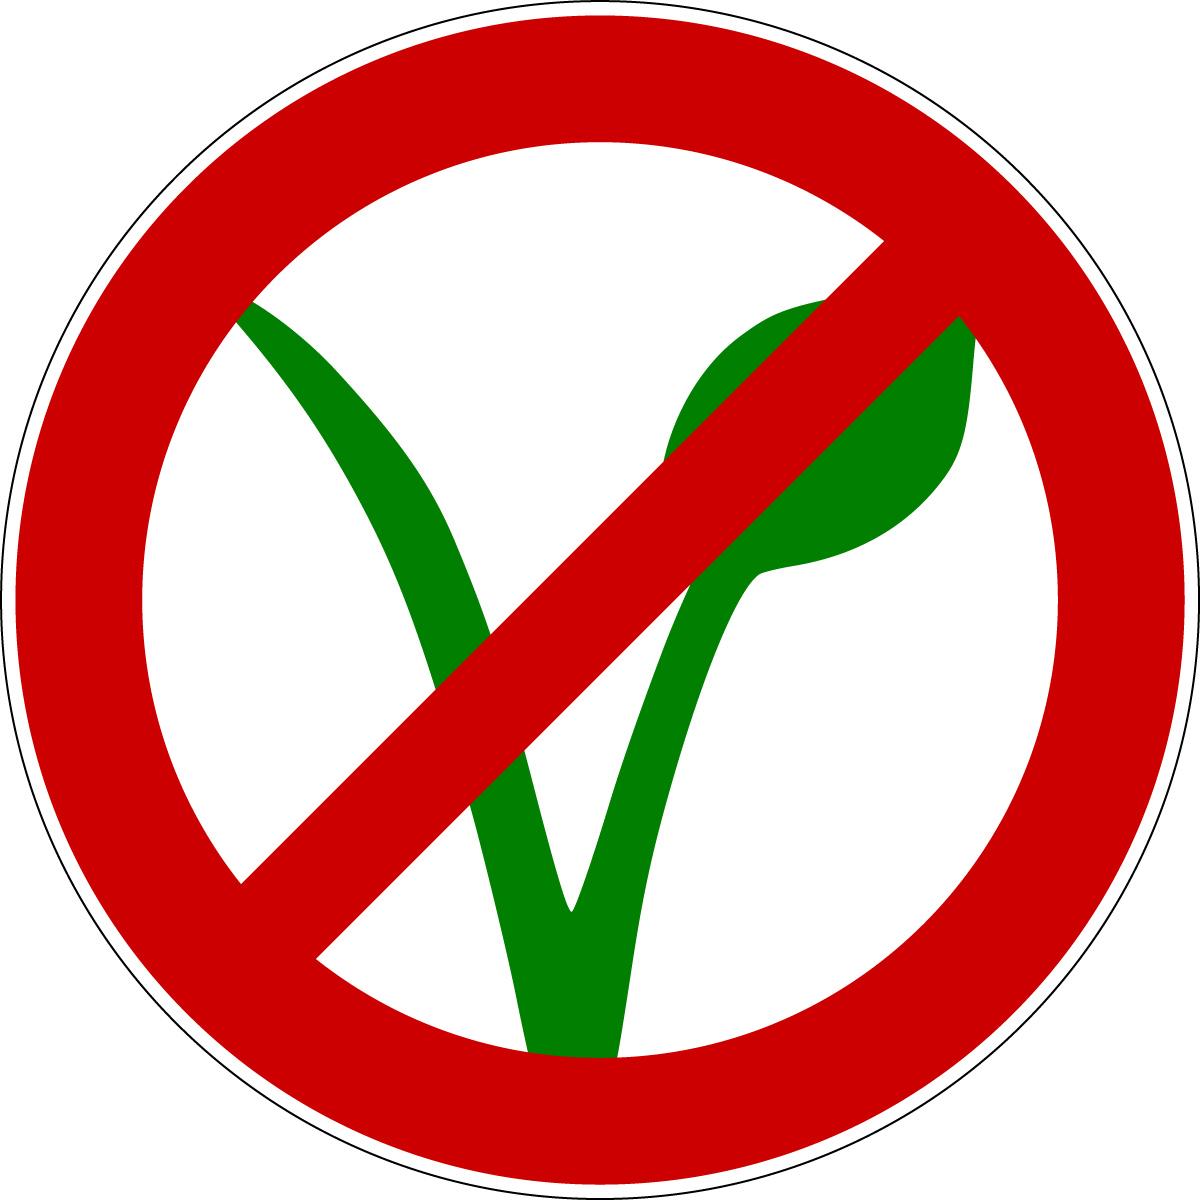 Bescheid: Kein veganes Schulessen! | Vegane Kinder wollen essen